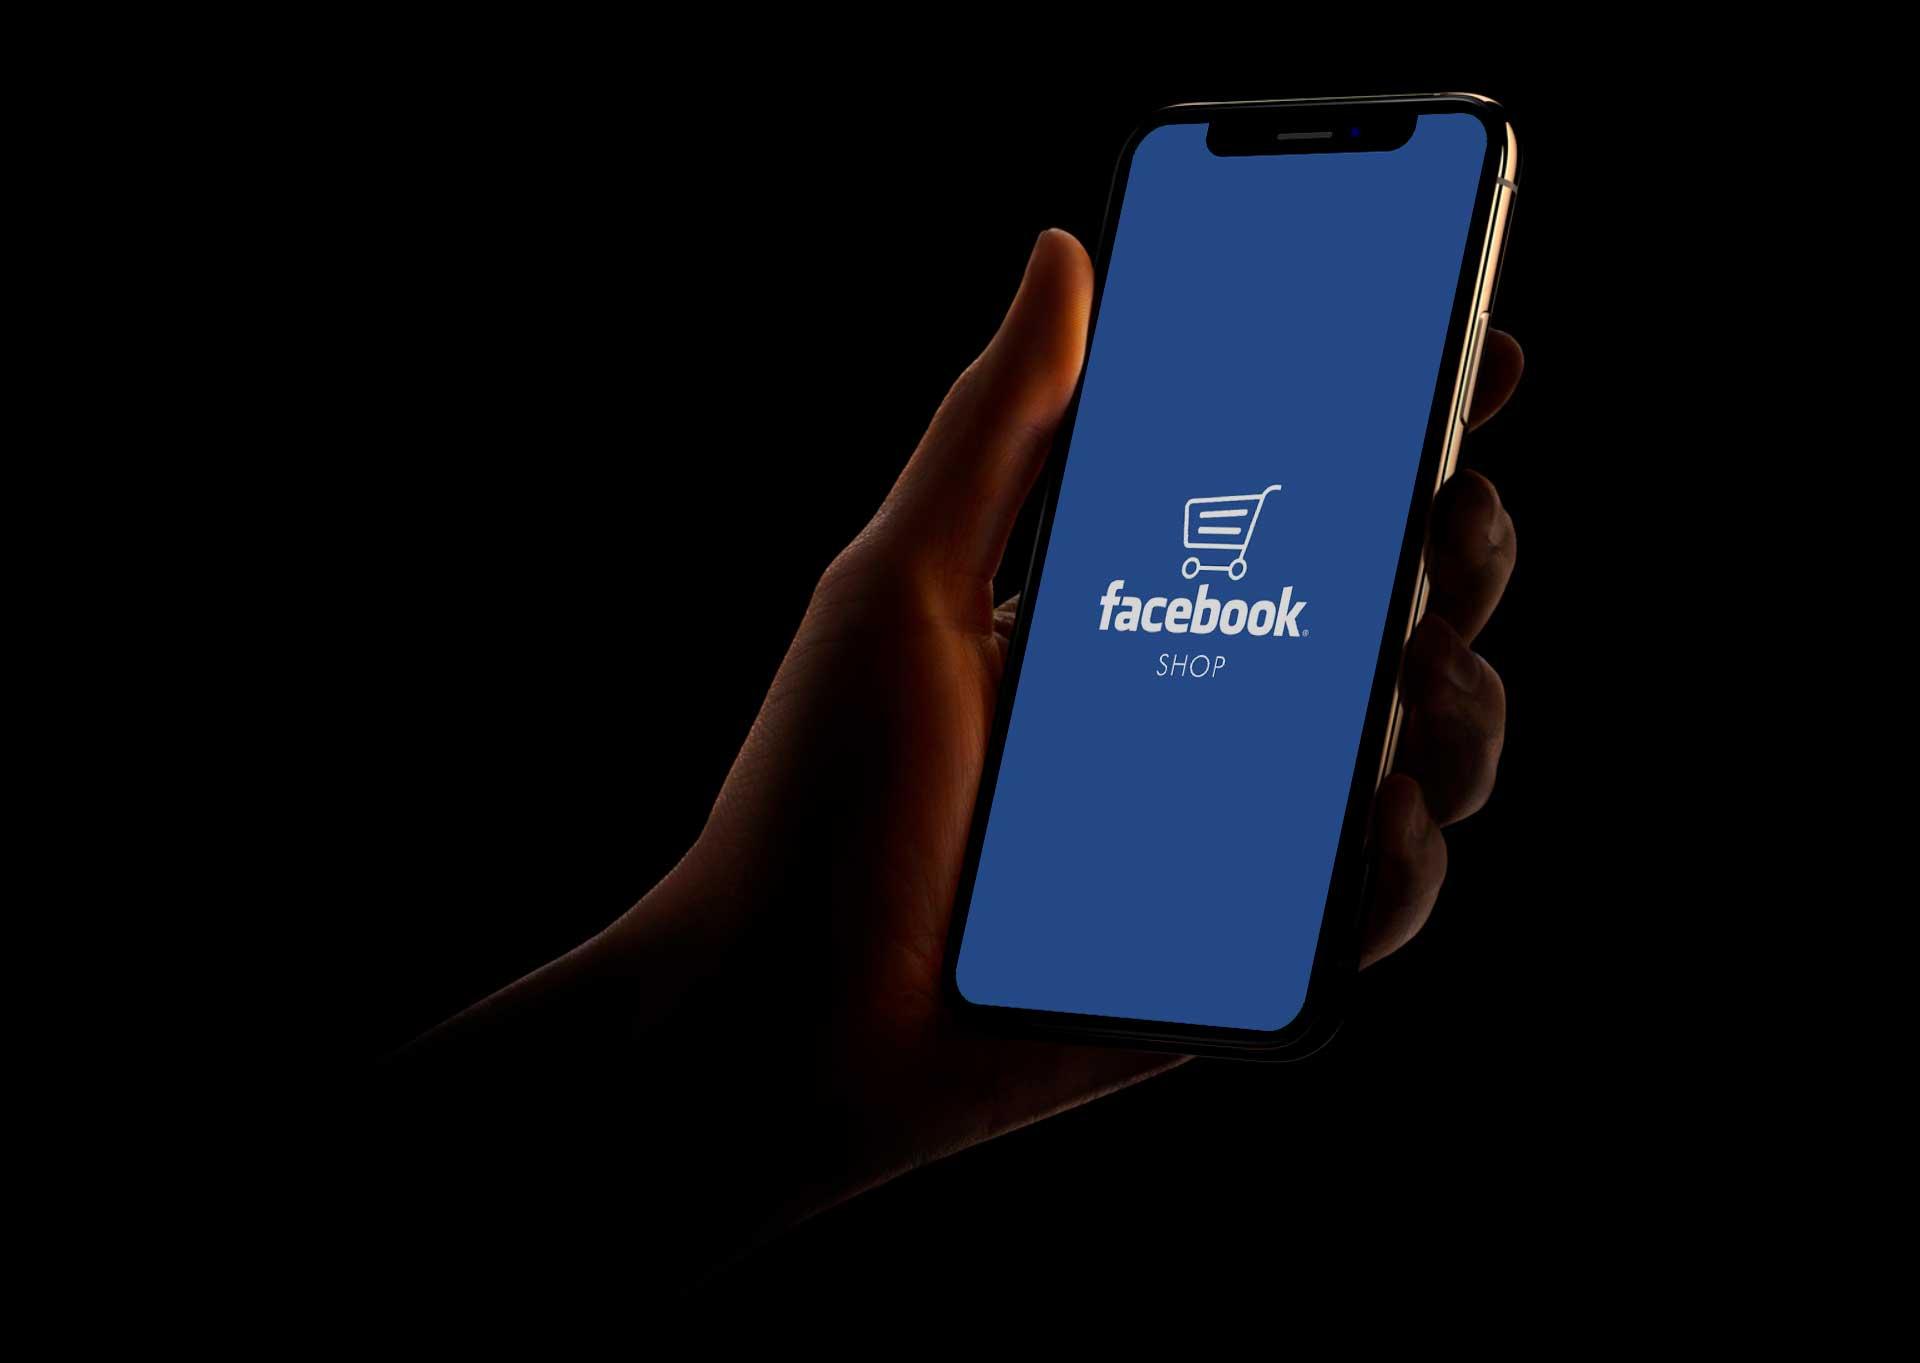 bbadv-articolo-facebook-shop-in roll-out-l-ultima-novita-di-zuckemberg-che-potrebbe-rivoluzionare-la-vendita-on-line